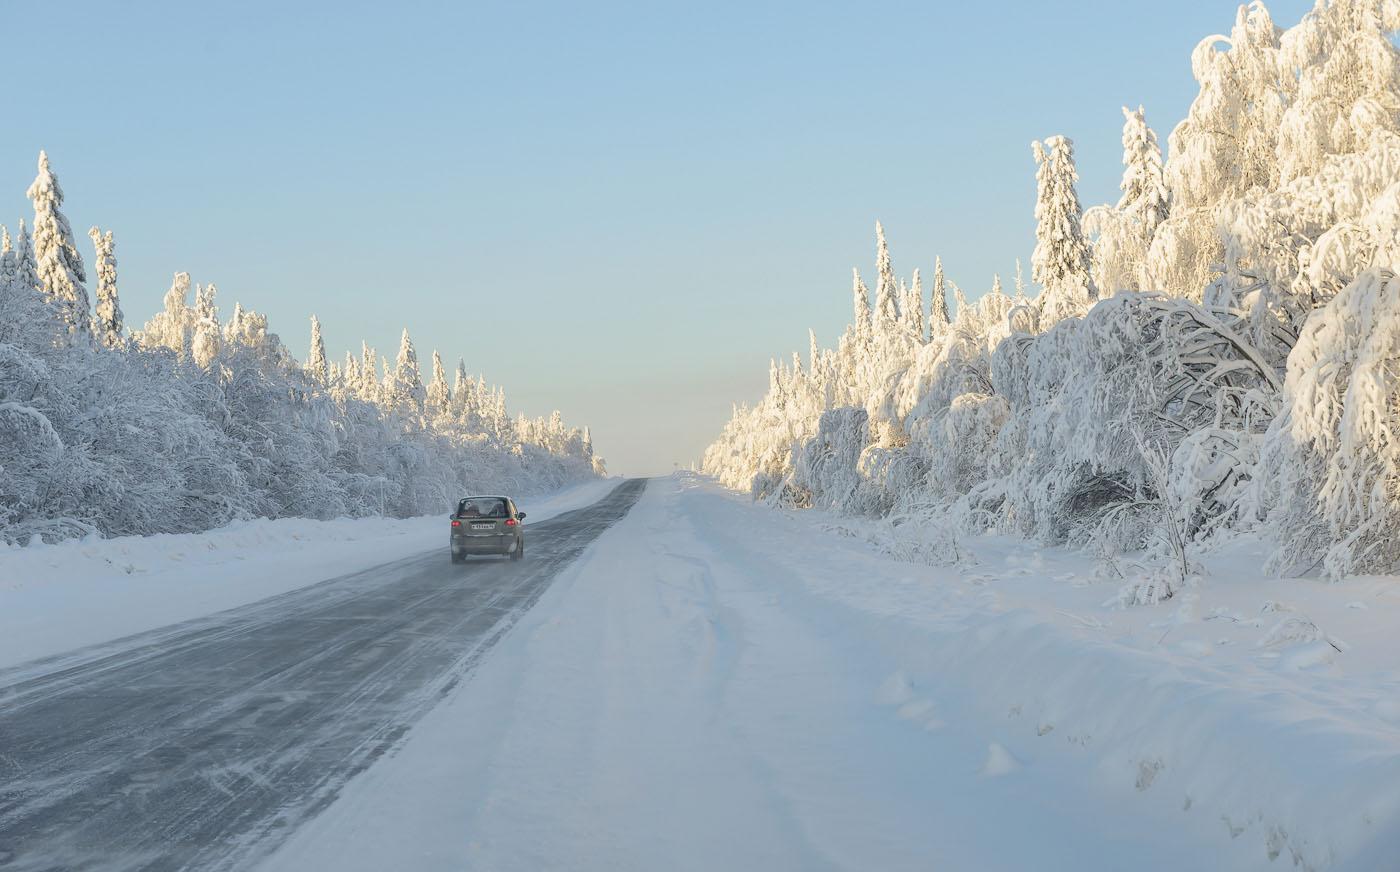 Фото 1. Так выглядят дороги в Пермском крае зимой. Снято через стекло. Отзывы о поездке выходного дня на автомобиле. 1/320, 0EV, 8.0, 200, 62.